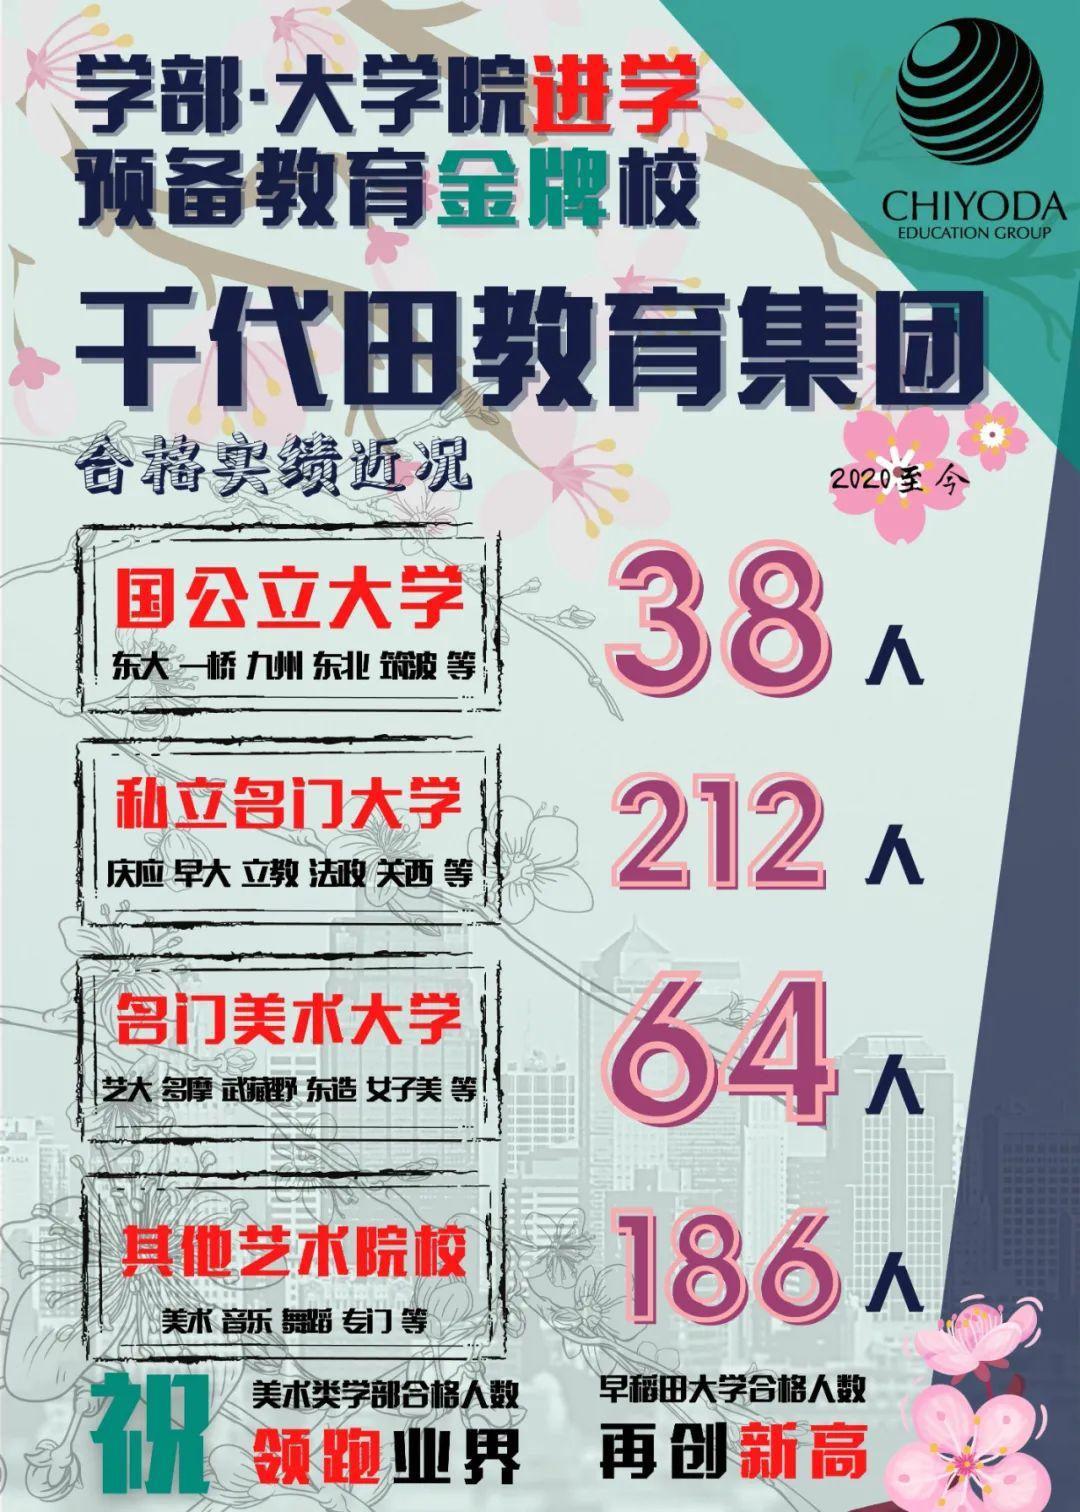 千代田新闻丨阔别2020·逐梦2021·请收下来自千代田教育集团的新春祝福